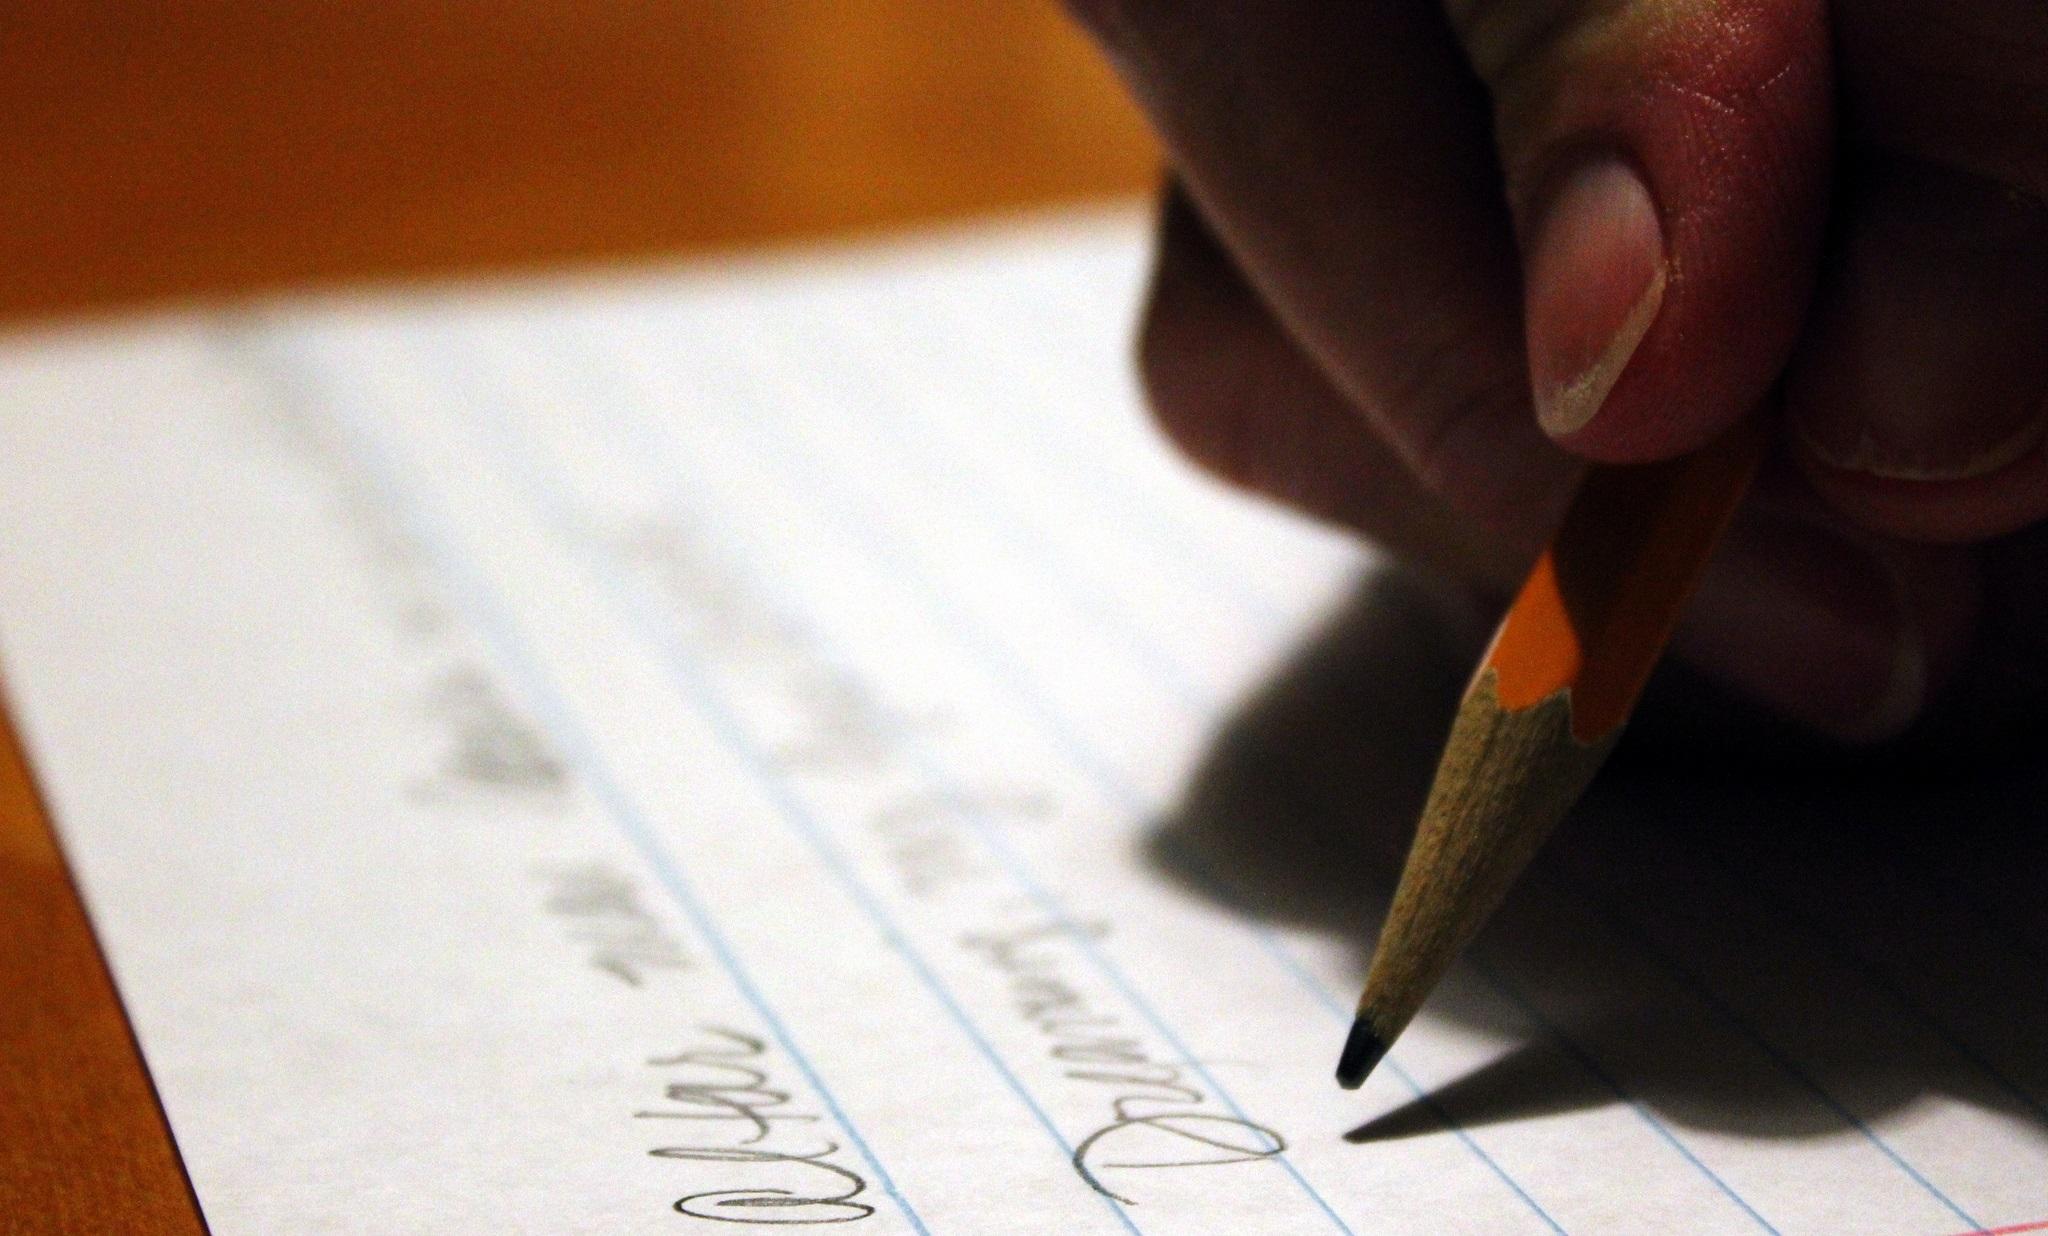 A ferramenta é utilizada para contar histórias. (FOTO: Flickr/ Creative Commons/ Caleb Roenigk)